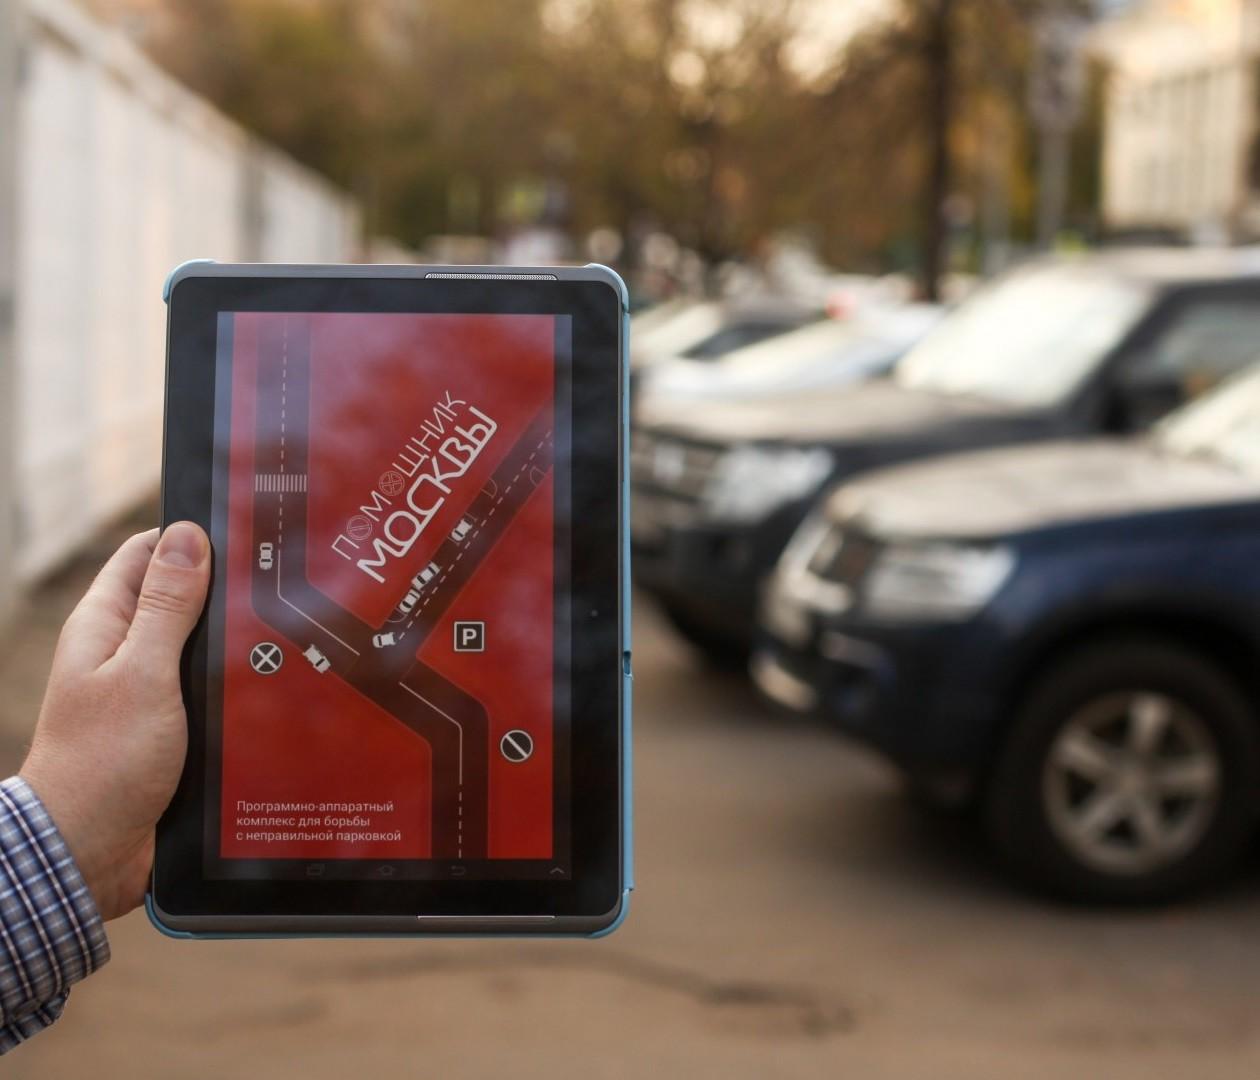 Пользователи приложения Помощник Москвы получат карту Тройка